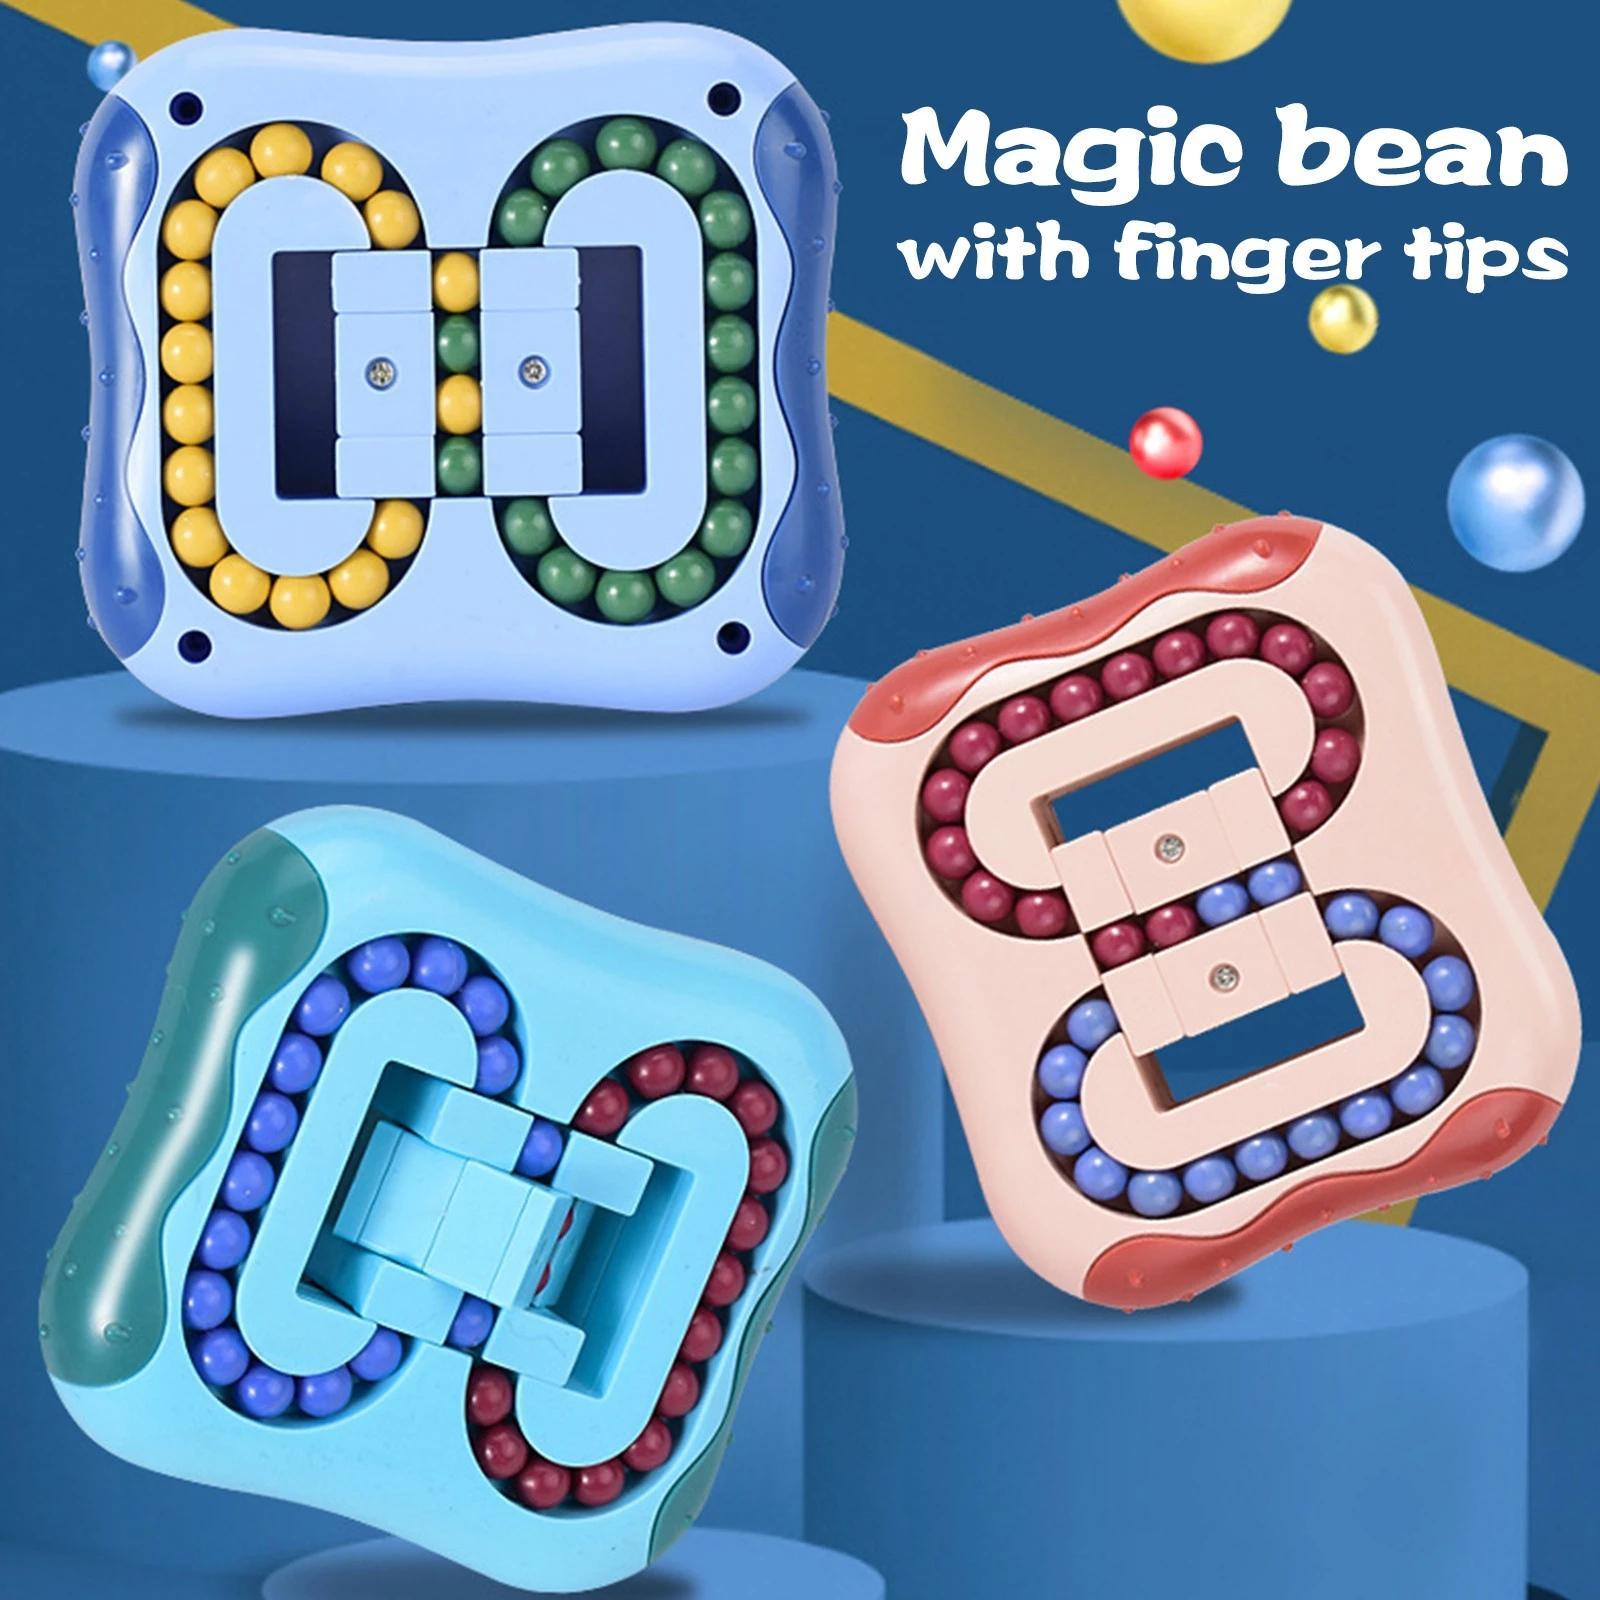 Azionamento degli Stati Uniti, i Giocattoli generazione Generazione filatura Magic Bean Party Favore Development Intellectual Development FingerId Dinger FY7675